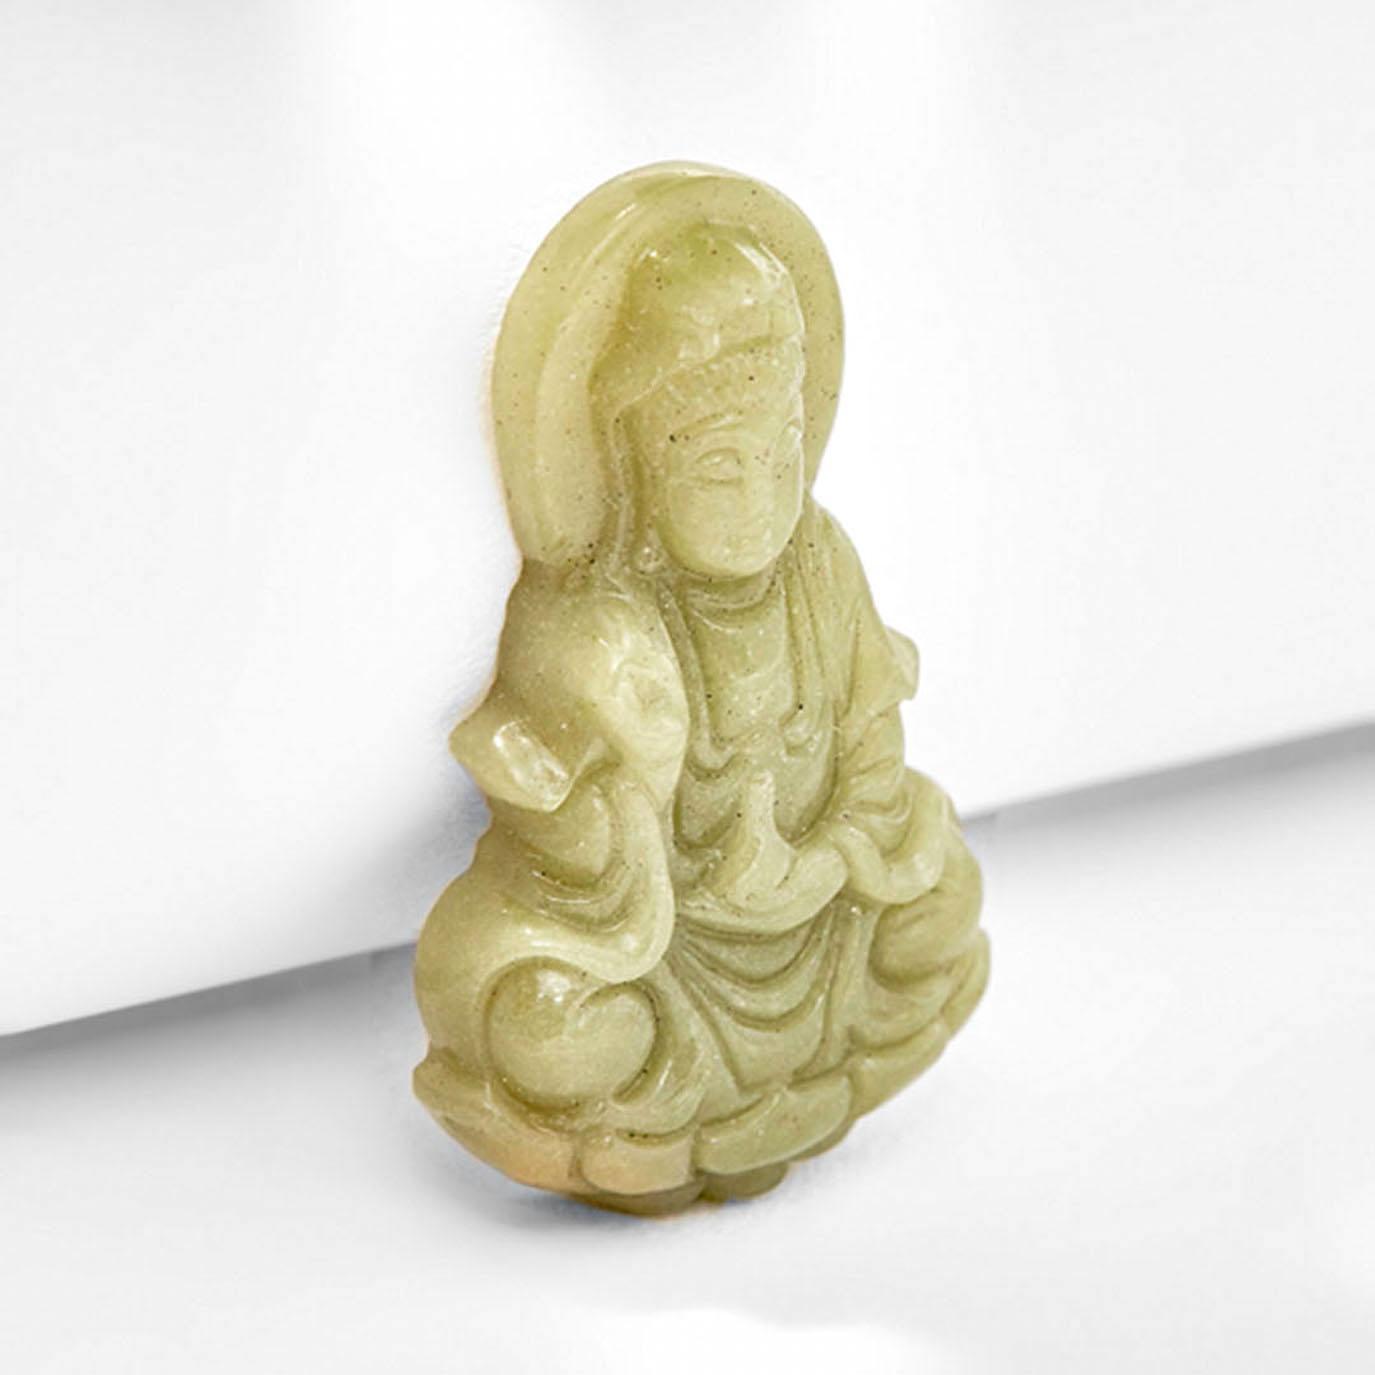 Mặt Dây Chuyền Phật Đá Dạ Minh Châu Bà Quan Âm Mệnh Mộc Hoả (màu xanh) - Ngọc Quý Gemstones